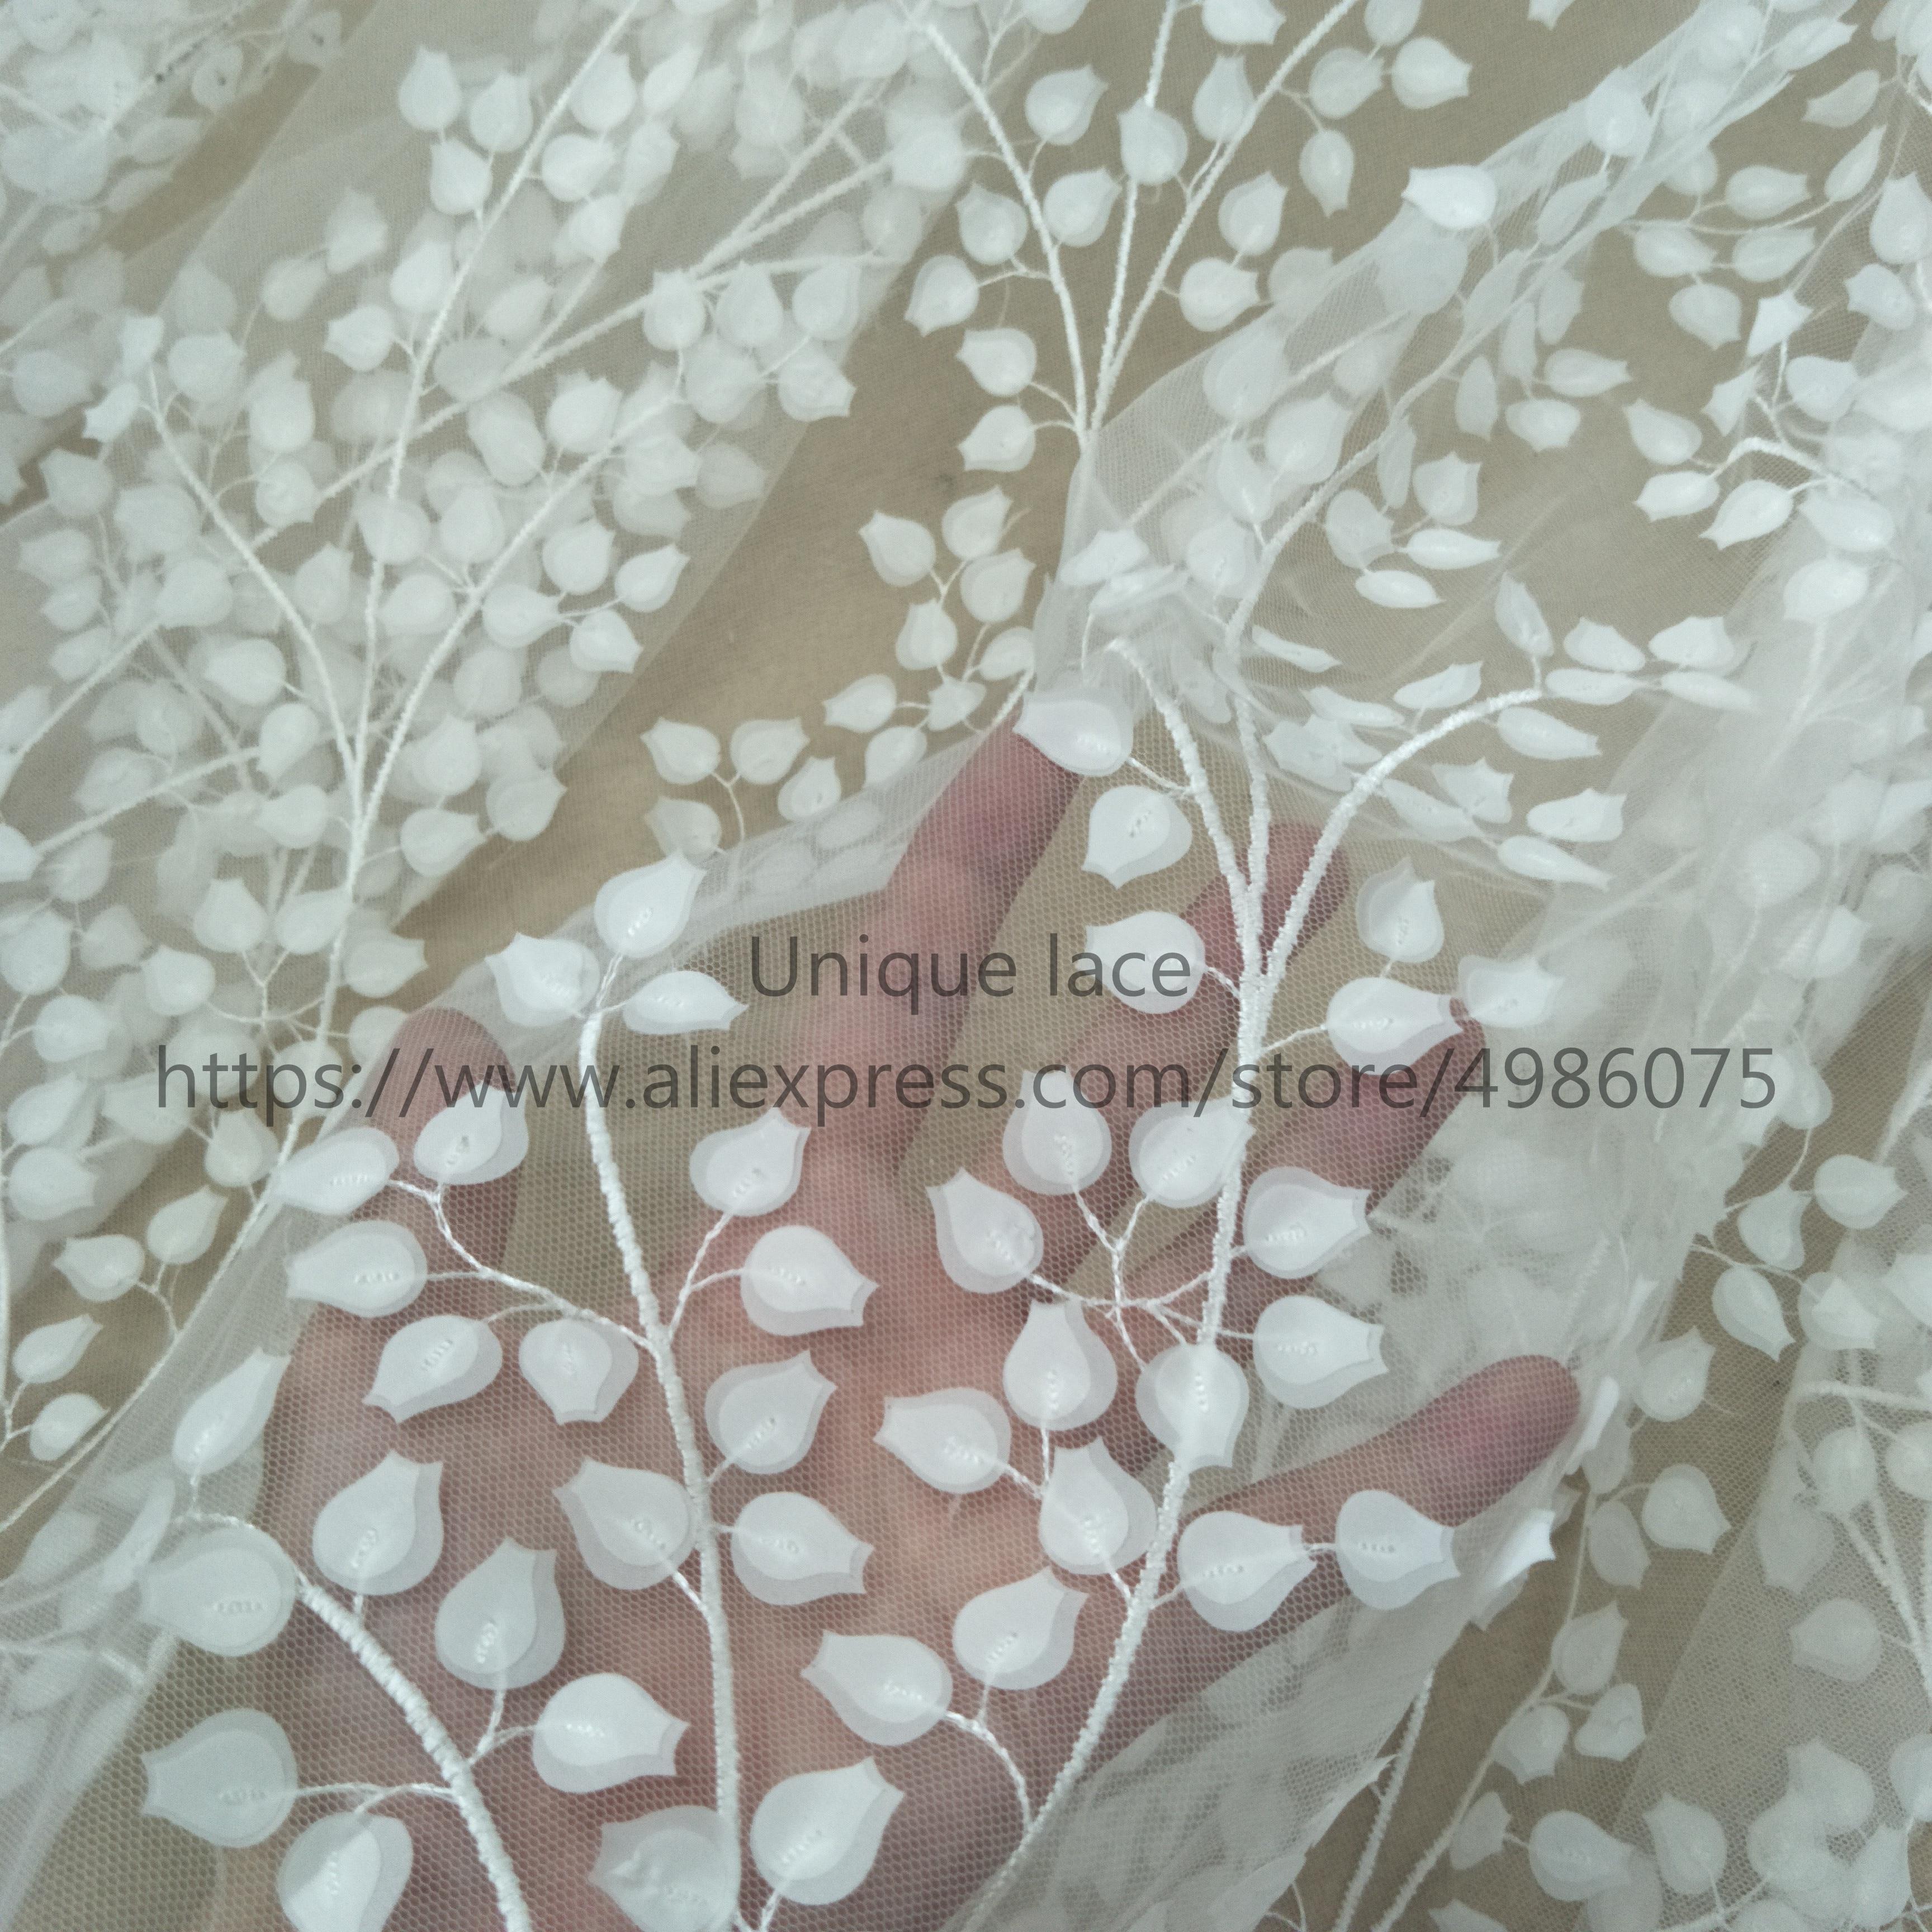 2019 Элегантное свадебное платье цвета слоновой кости, кружевная ткань, 3D листочки, Свадебное кружево, продажа по двору